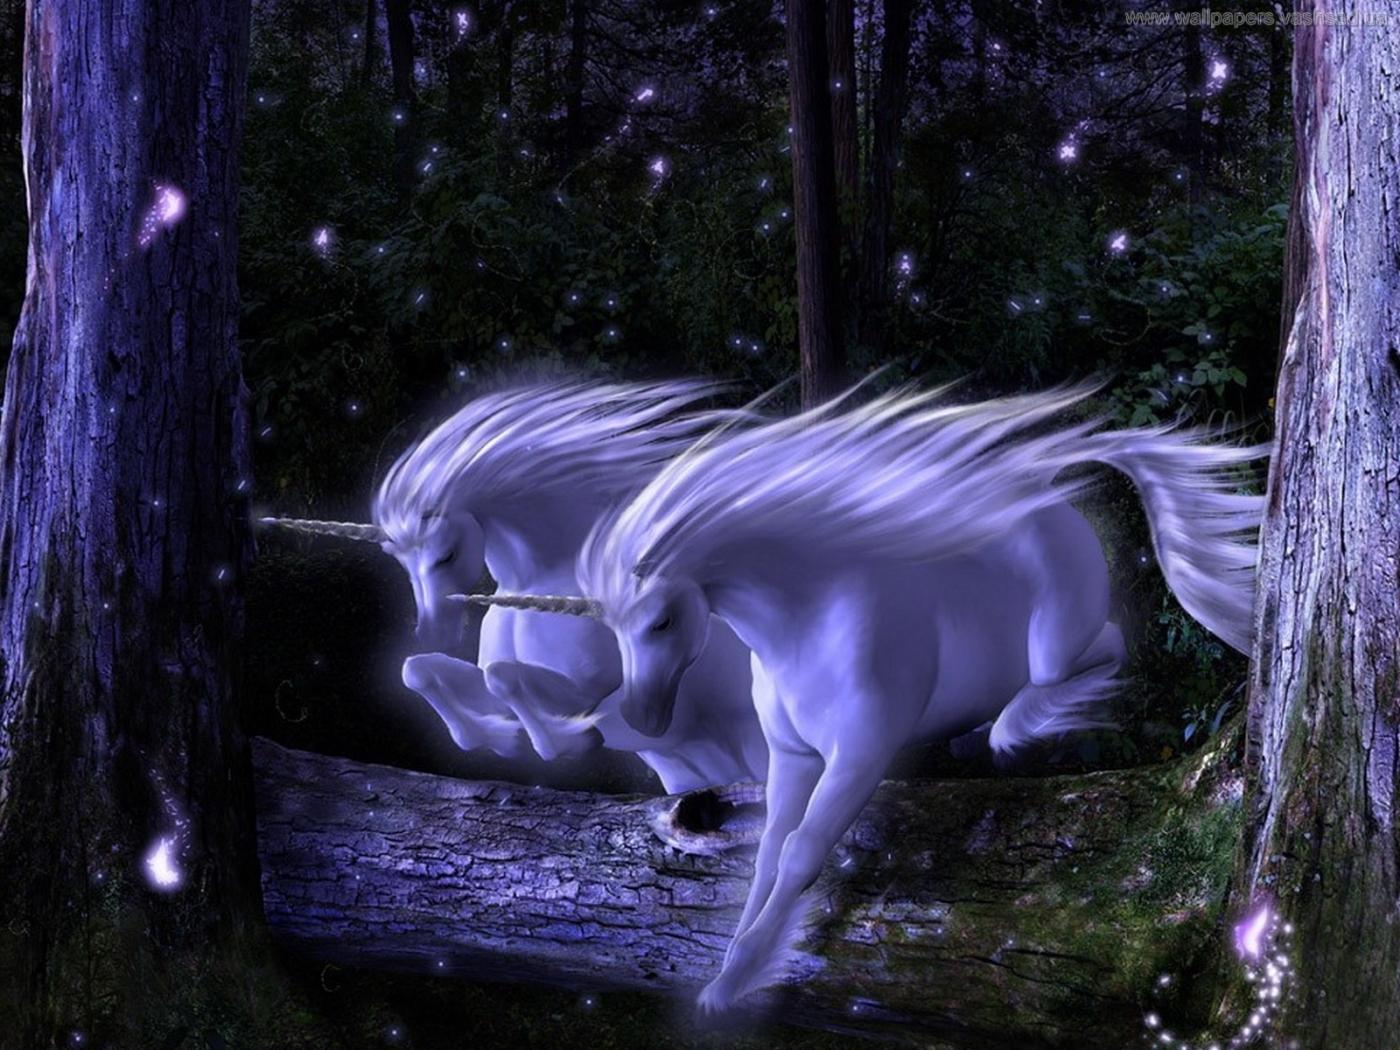 29236 Hintergrundbild herunterladen Fantasie, Unicorns - Bildschirmschoner und Bilder kostenlos